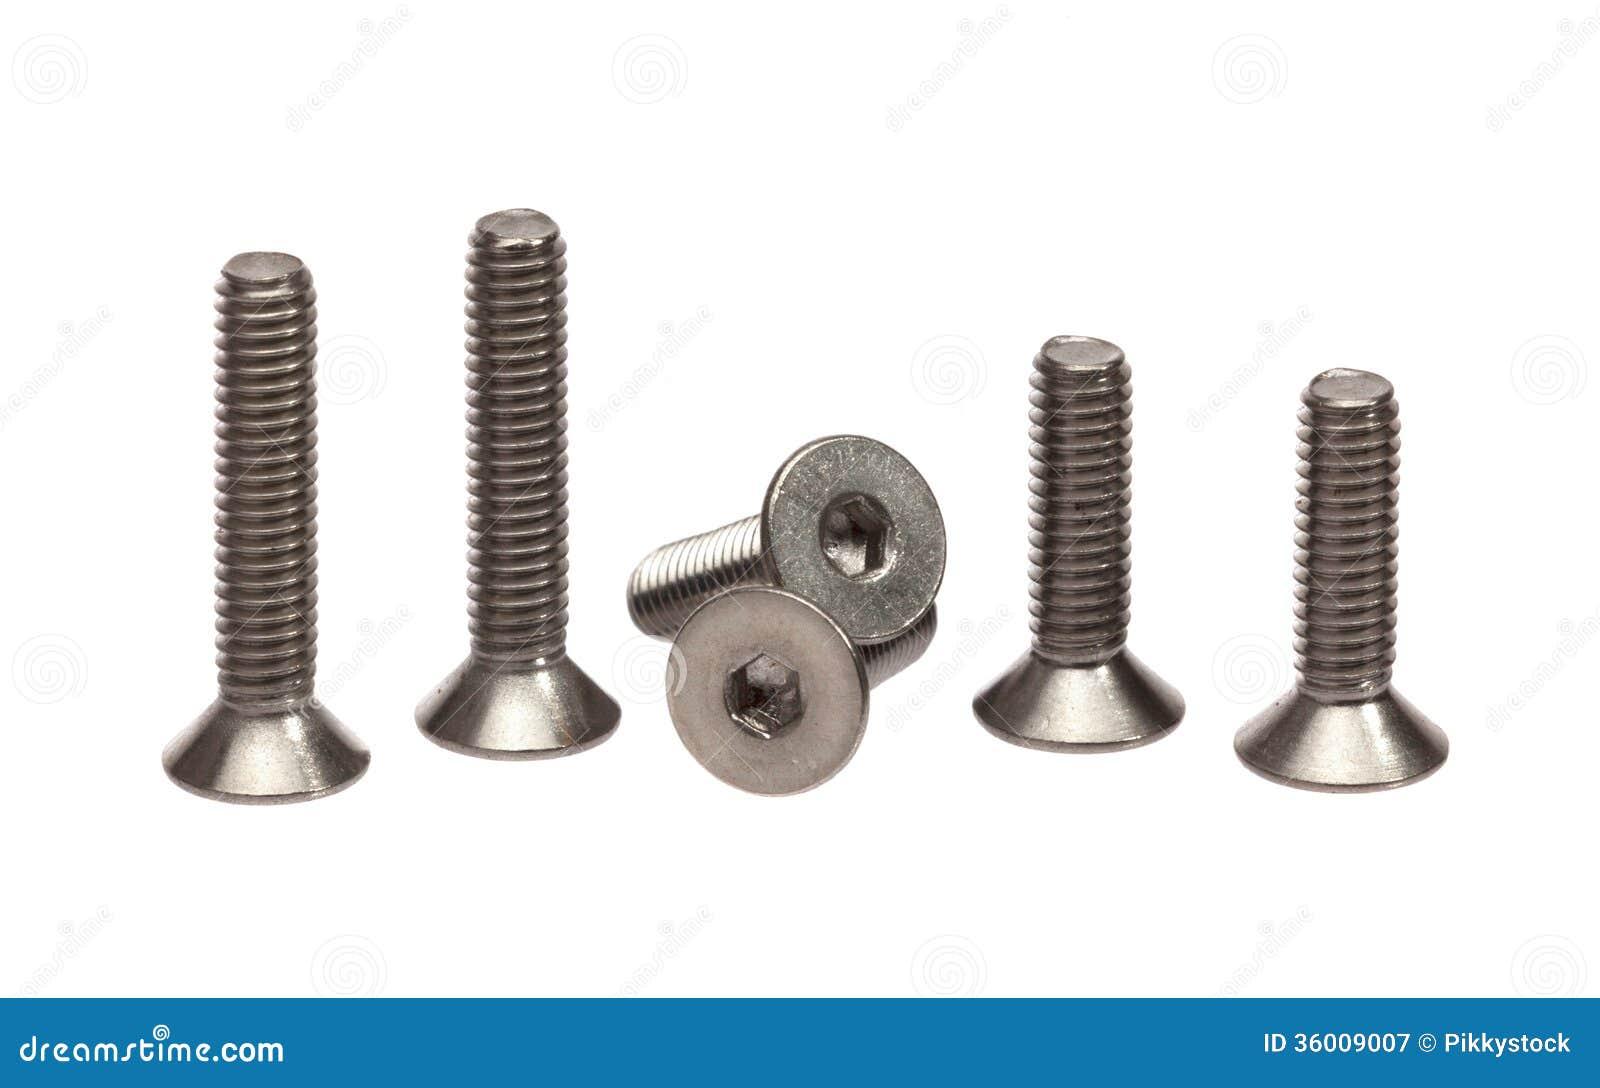 Parafusos de aço inoxidável